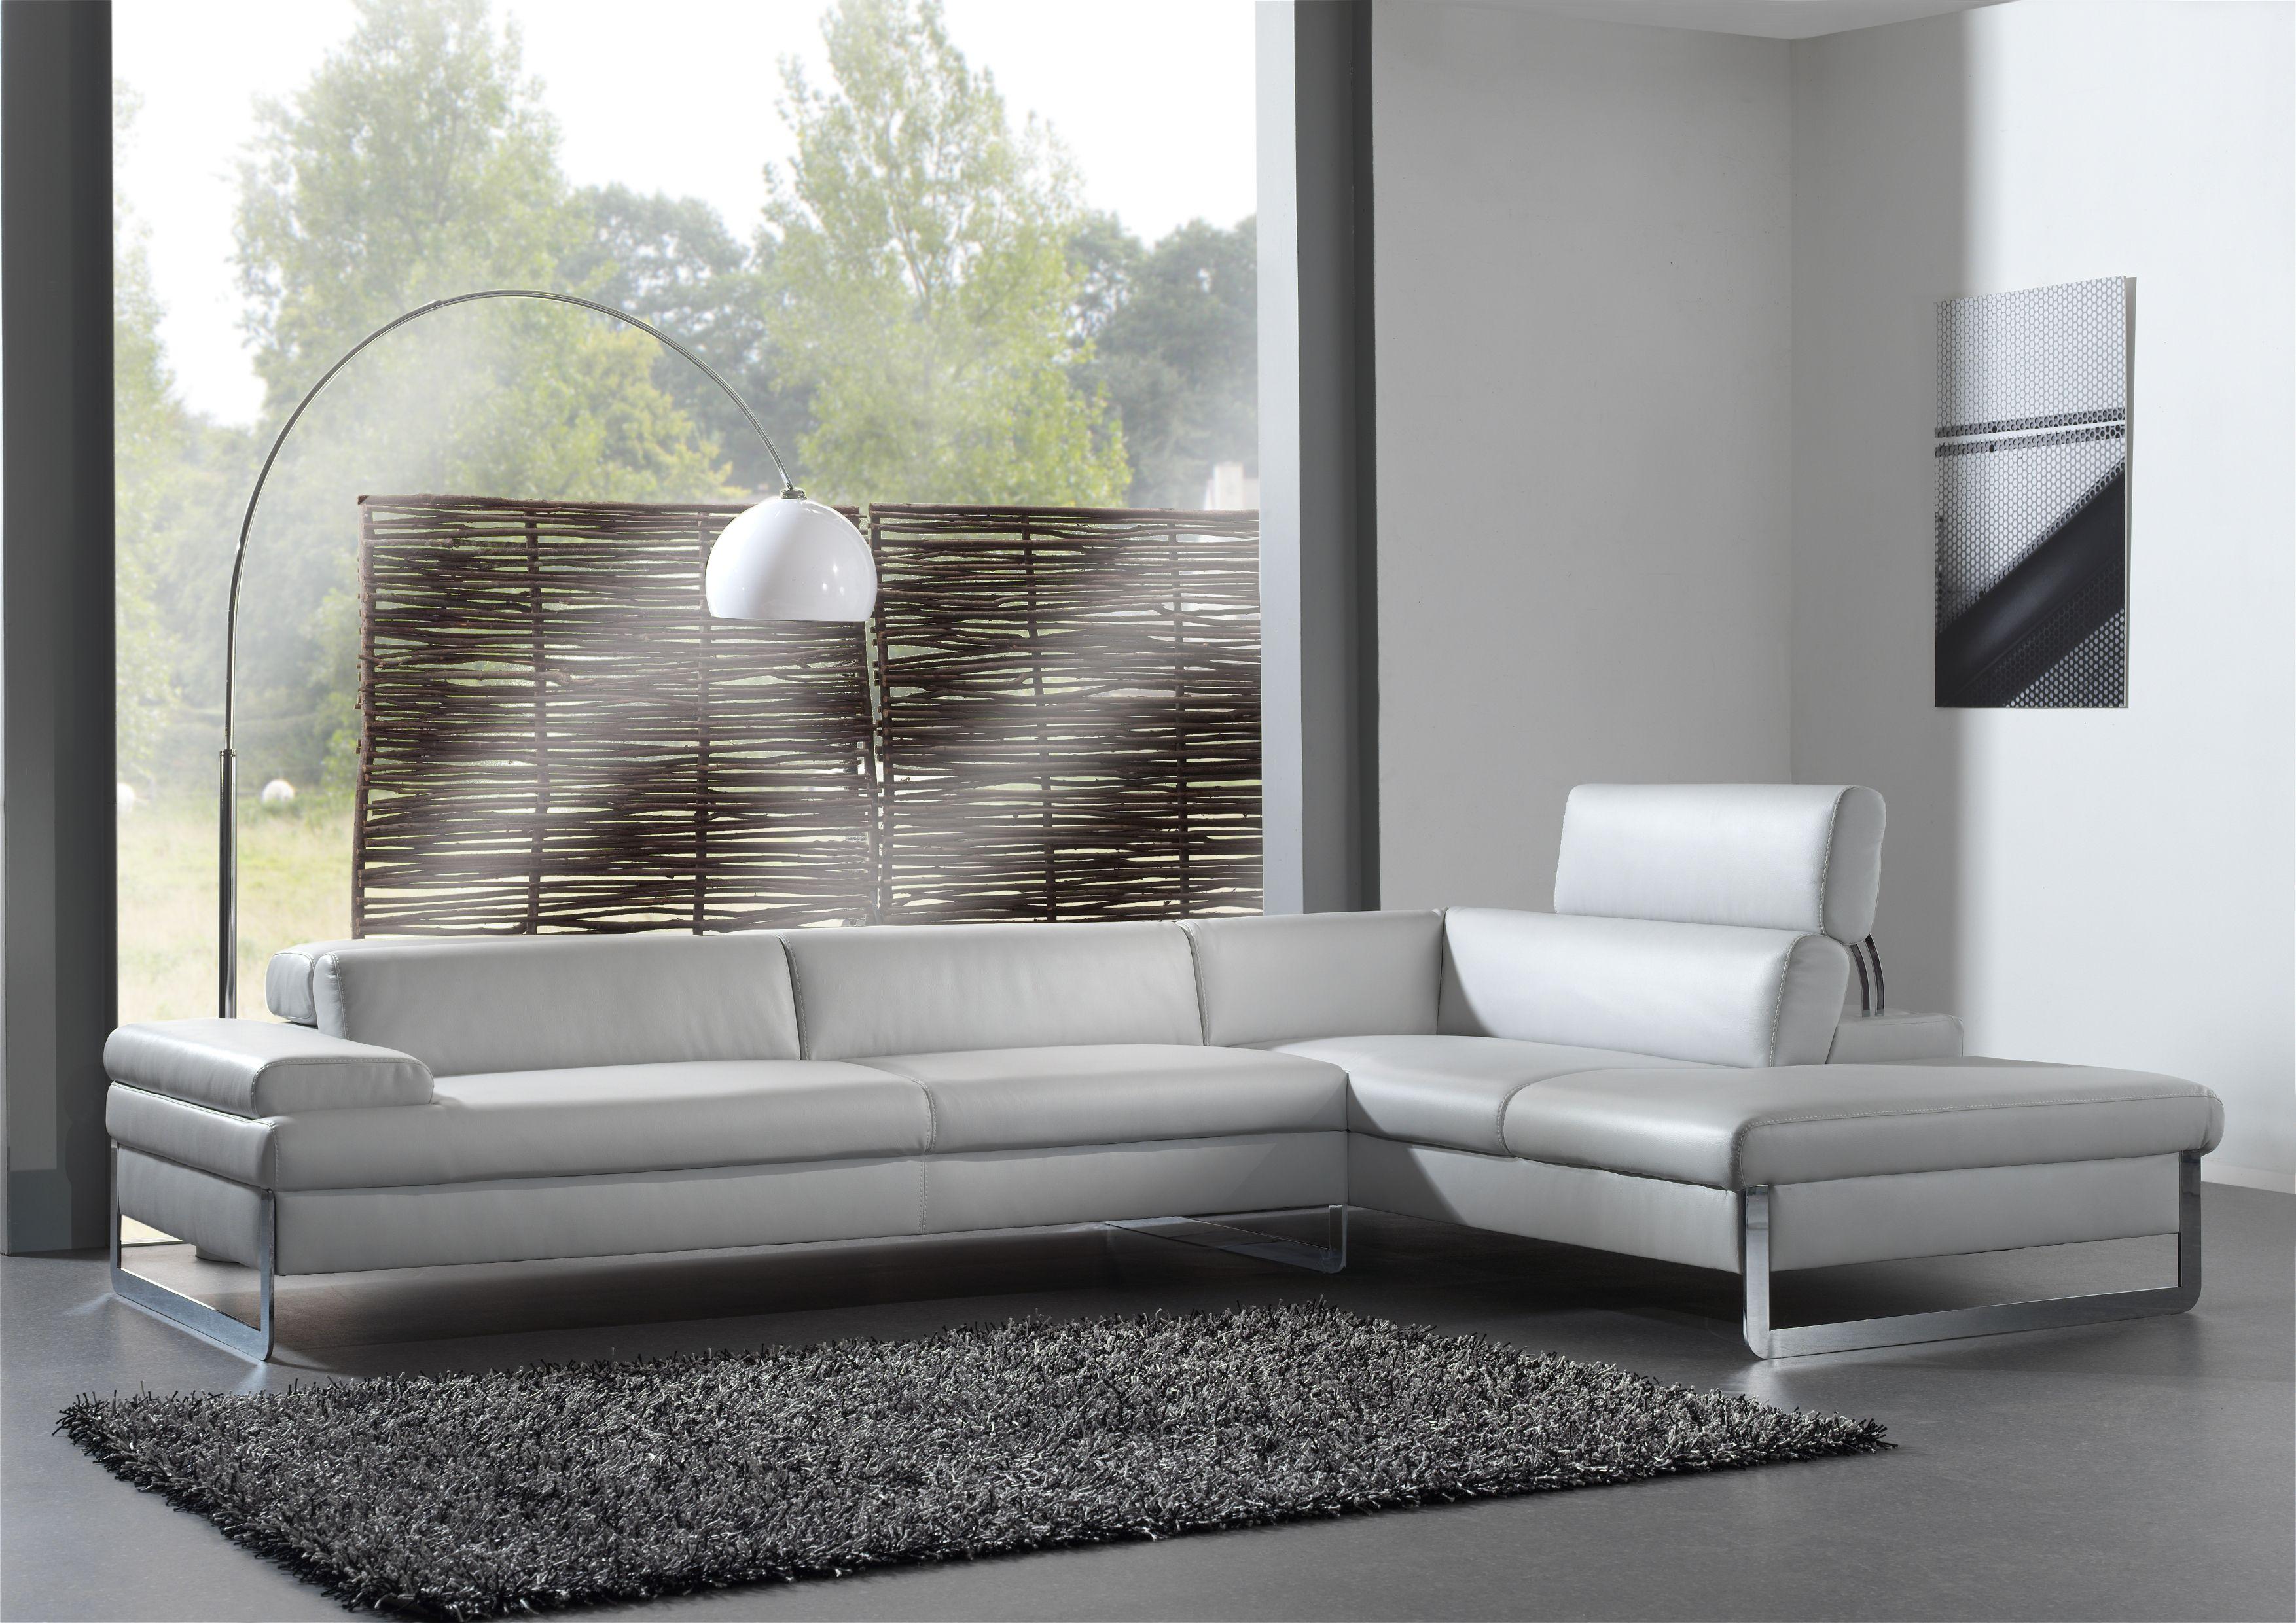 653bb6ac38966e496ef2fe32d498227a Incroyable De Coussin Pour Canapé Palette Concept